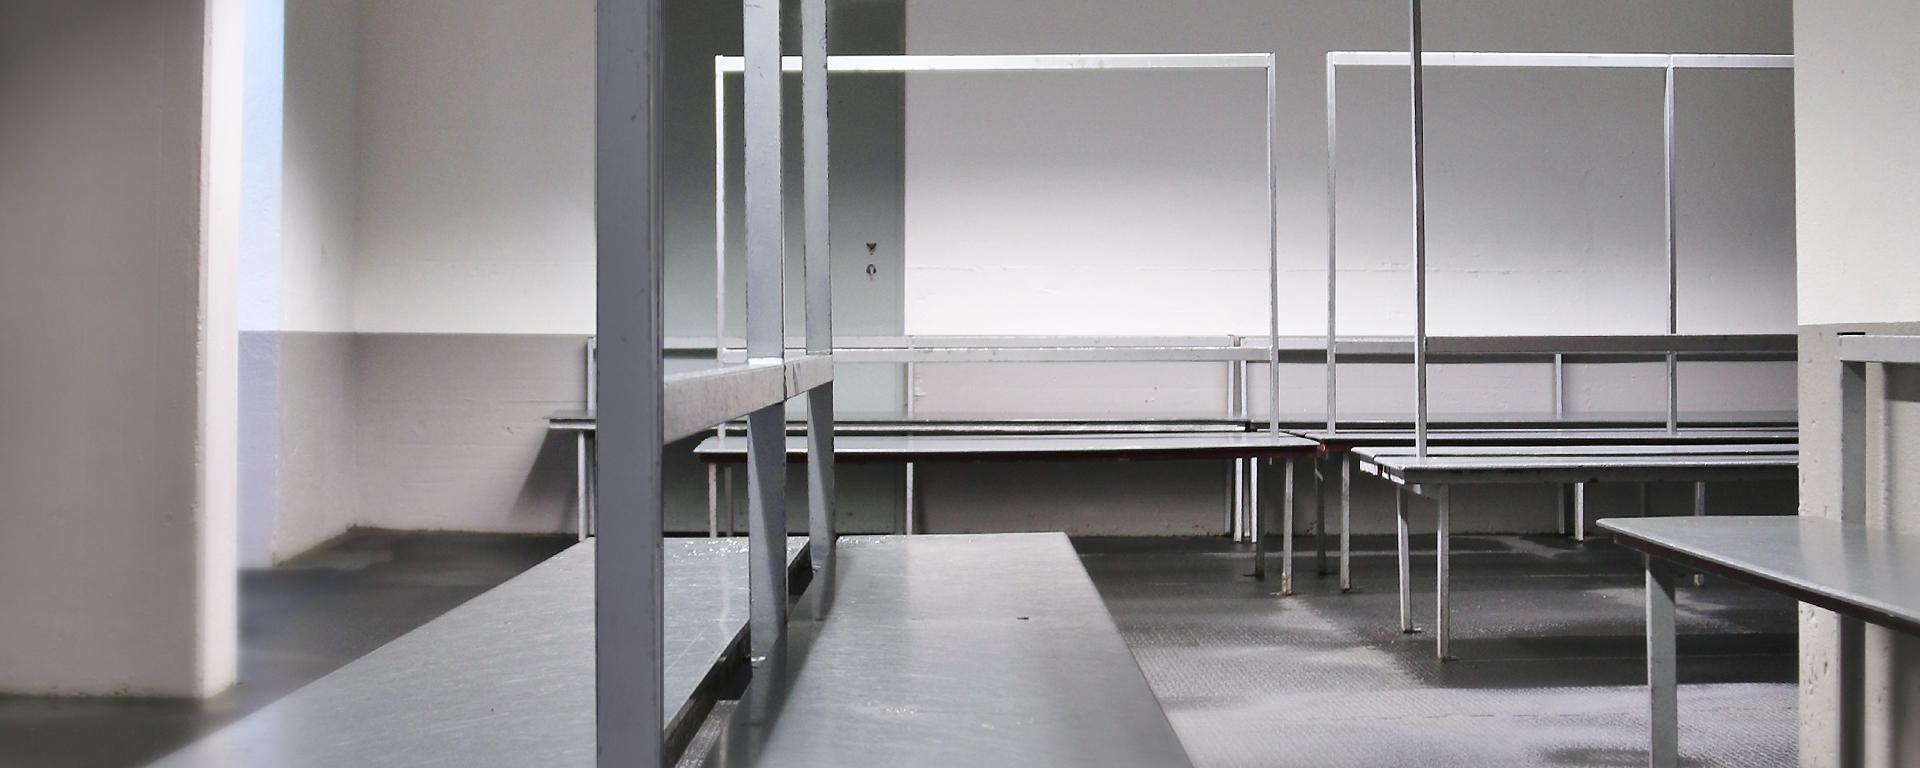 Eishalle Adelberg Umkleidekabine